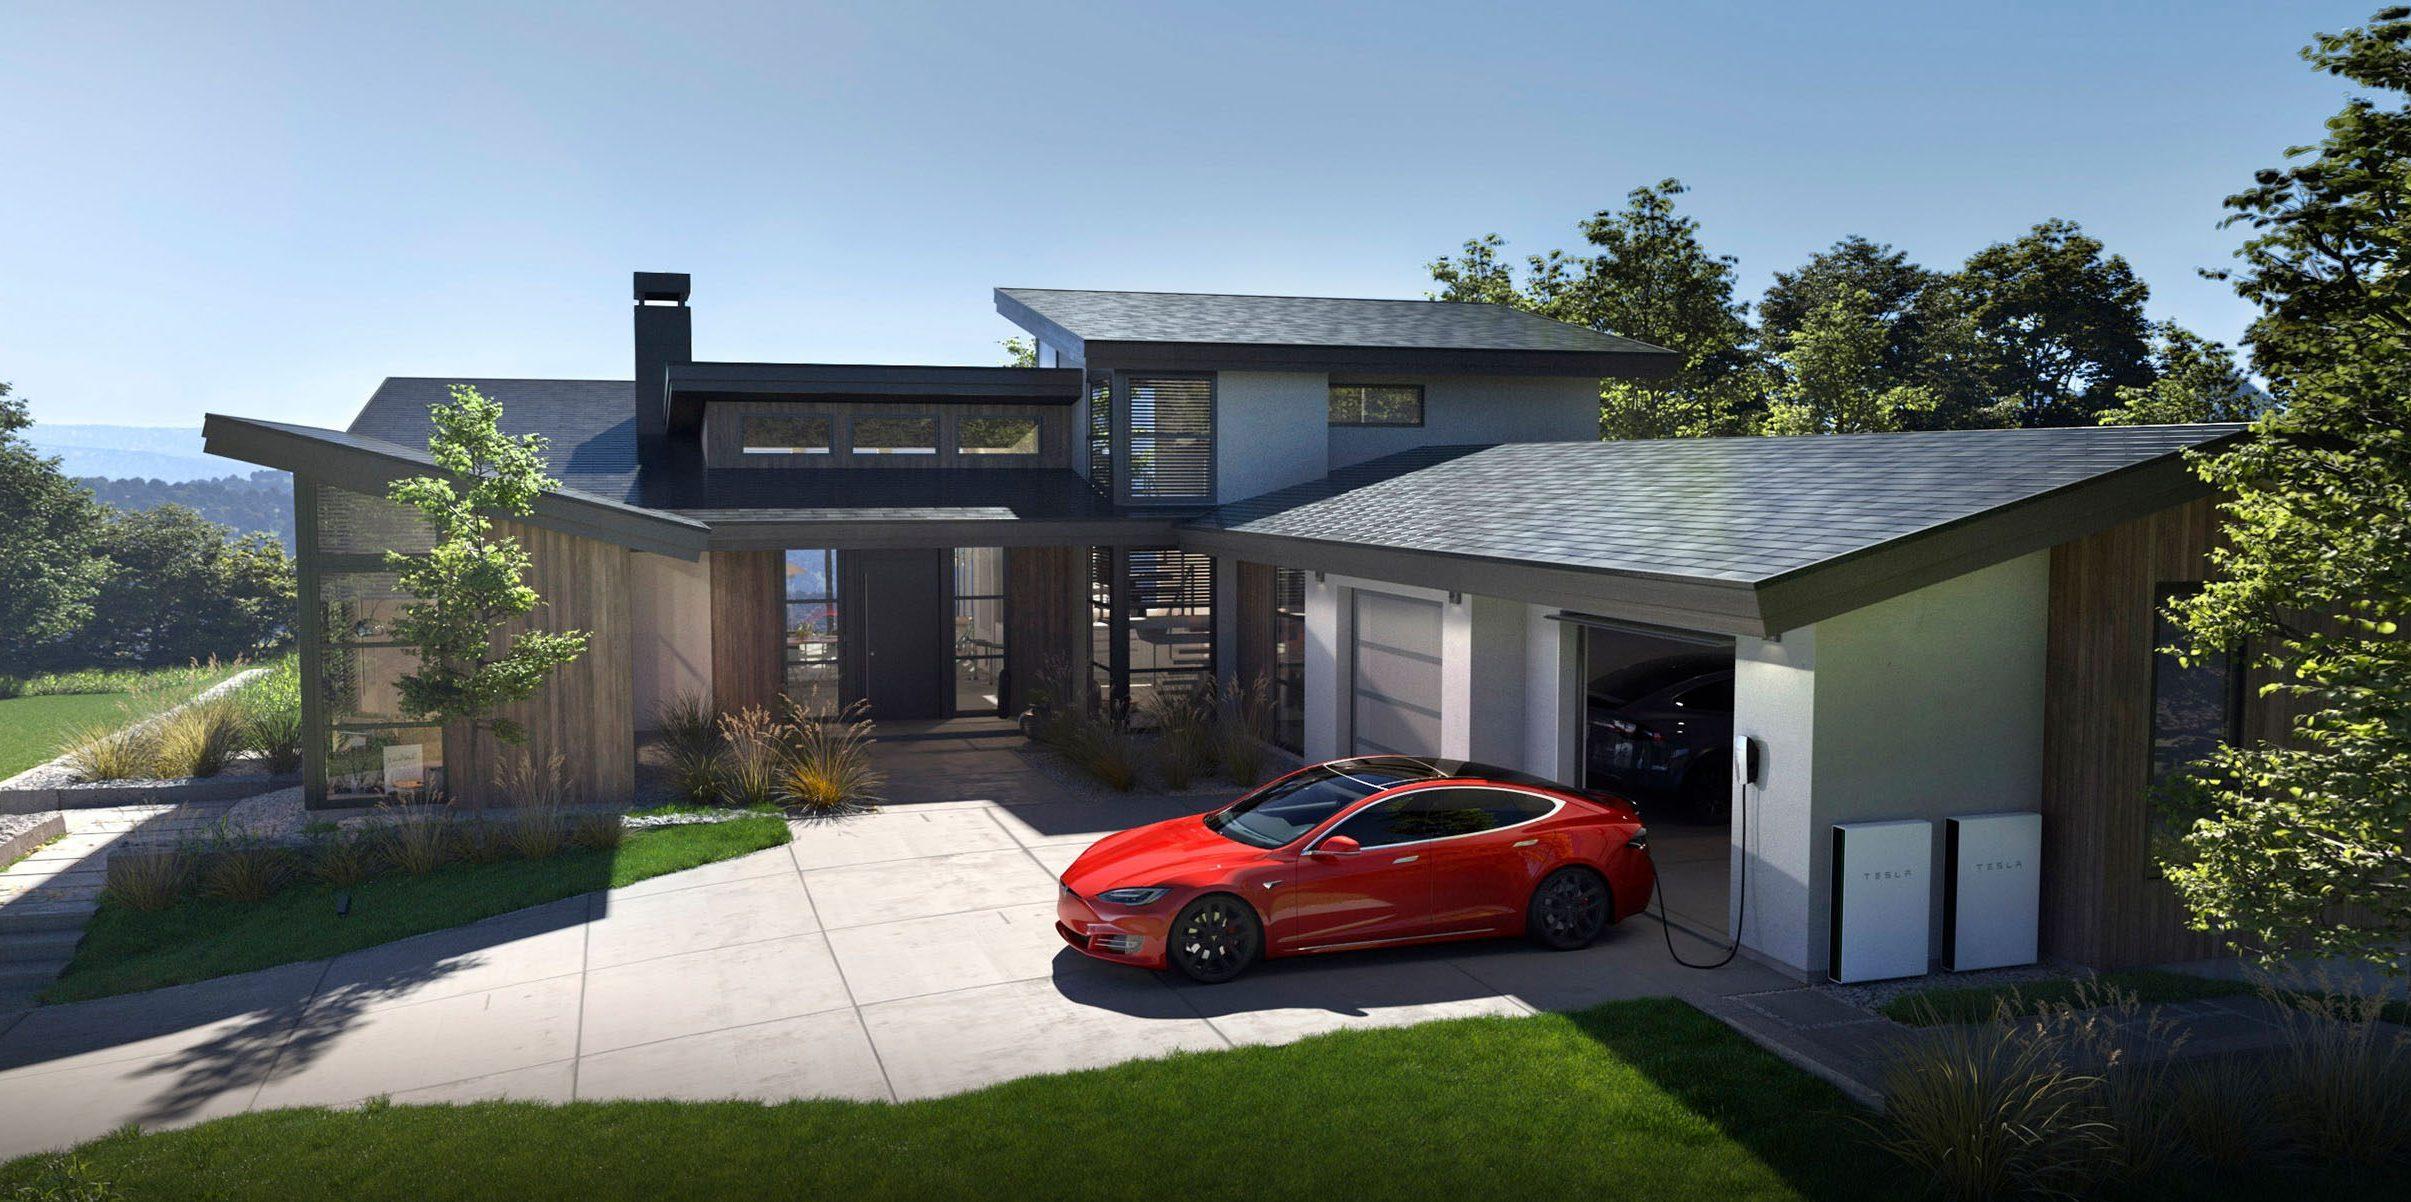 Tesla Energy deploys a new record amount of energy storage, solar still  down - Electrek